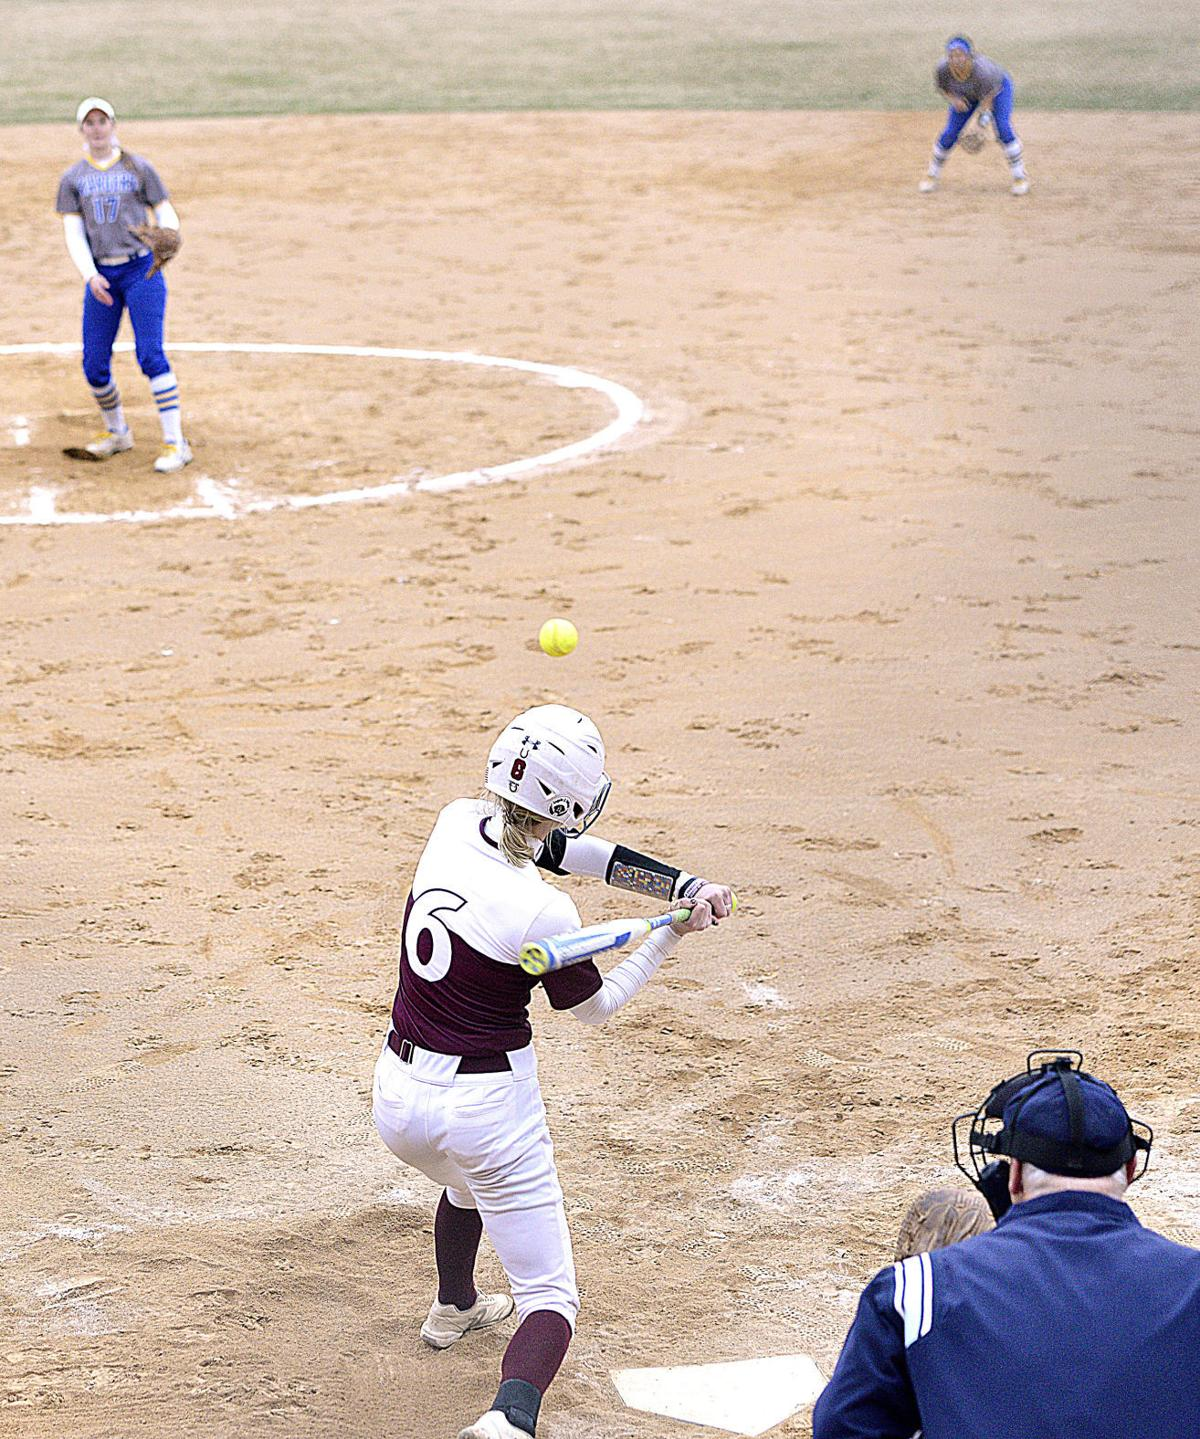 Morningside vs Briar Cliff softball